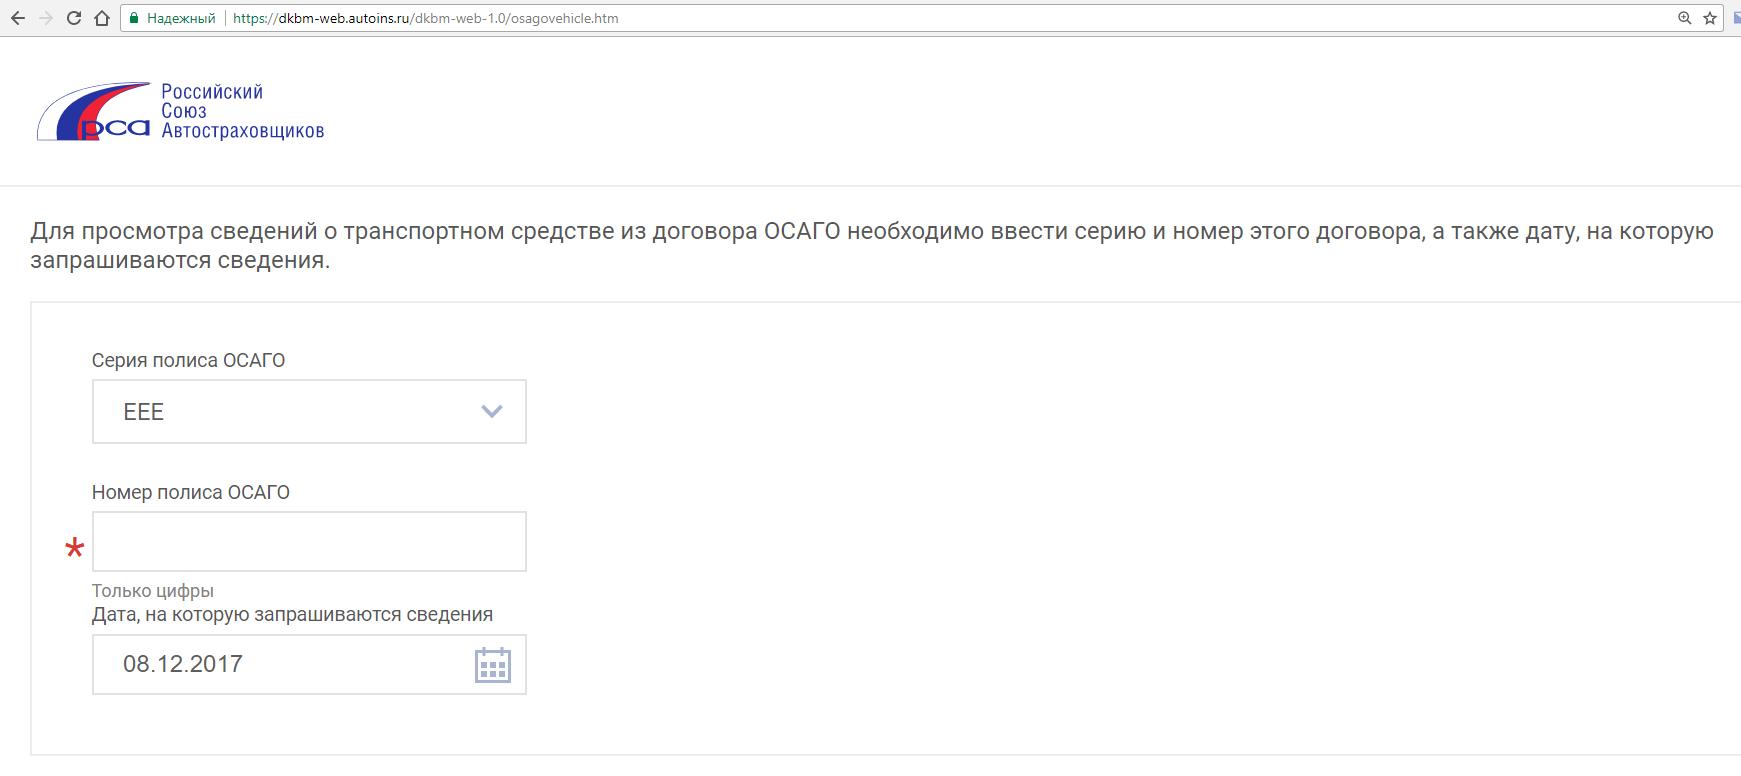 Как «пробить» автомобиль в Интернете: используем доступные базы данных и логику - 5